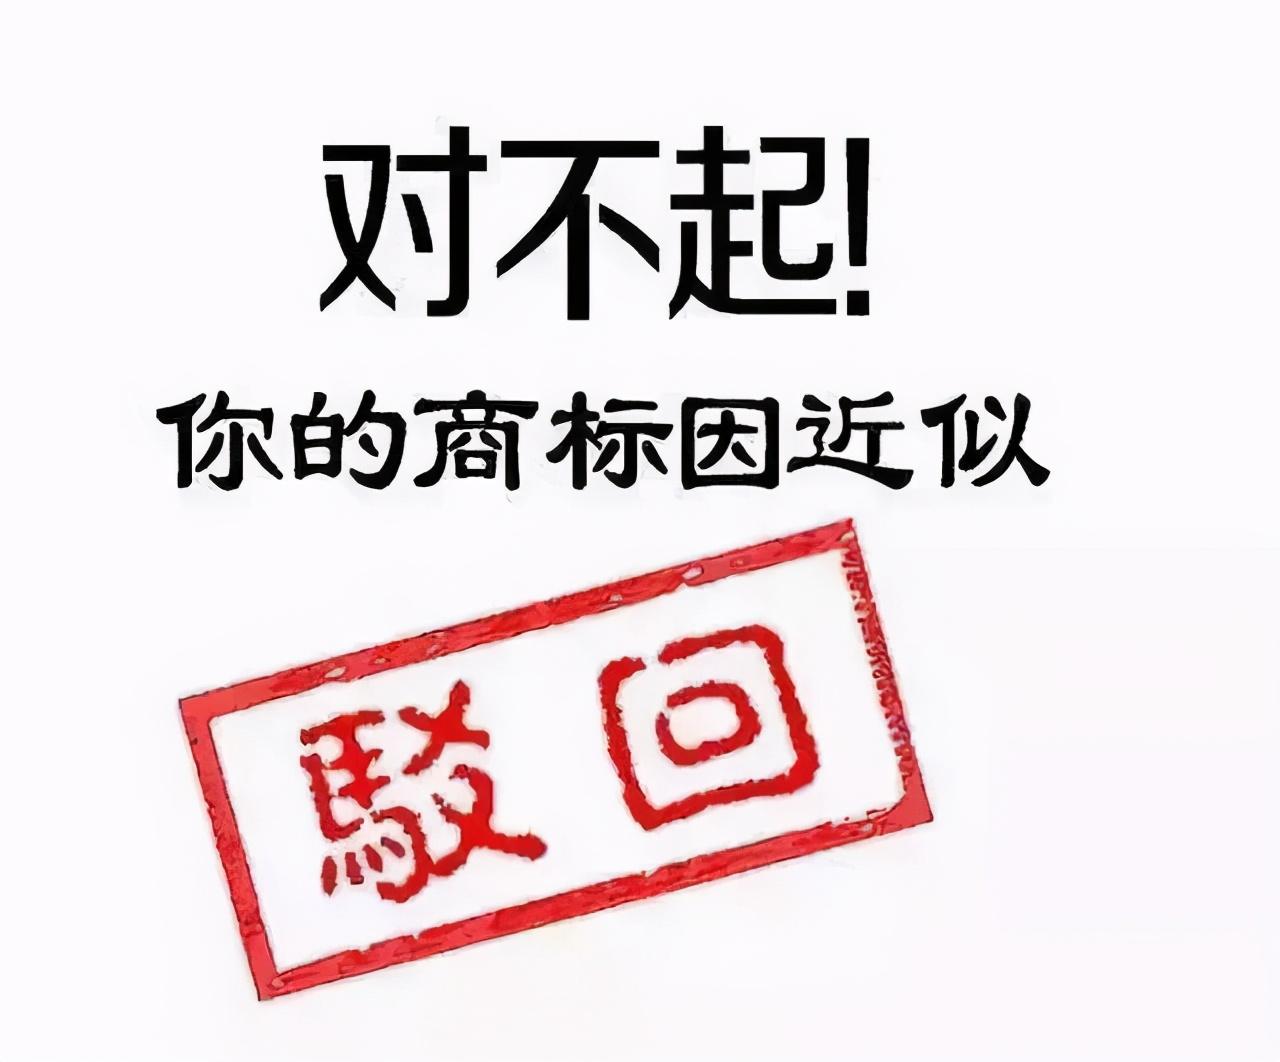 商标权多少钱可以办理(怎么知道商标有没有被注册过)-菏泽刑事律师电话免费咨询